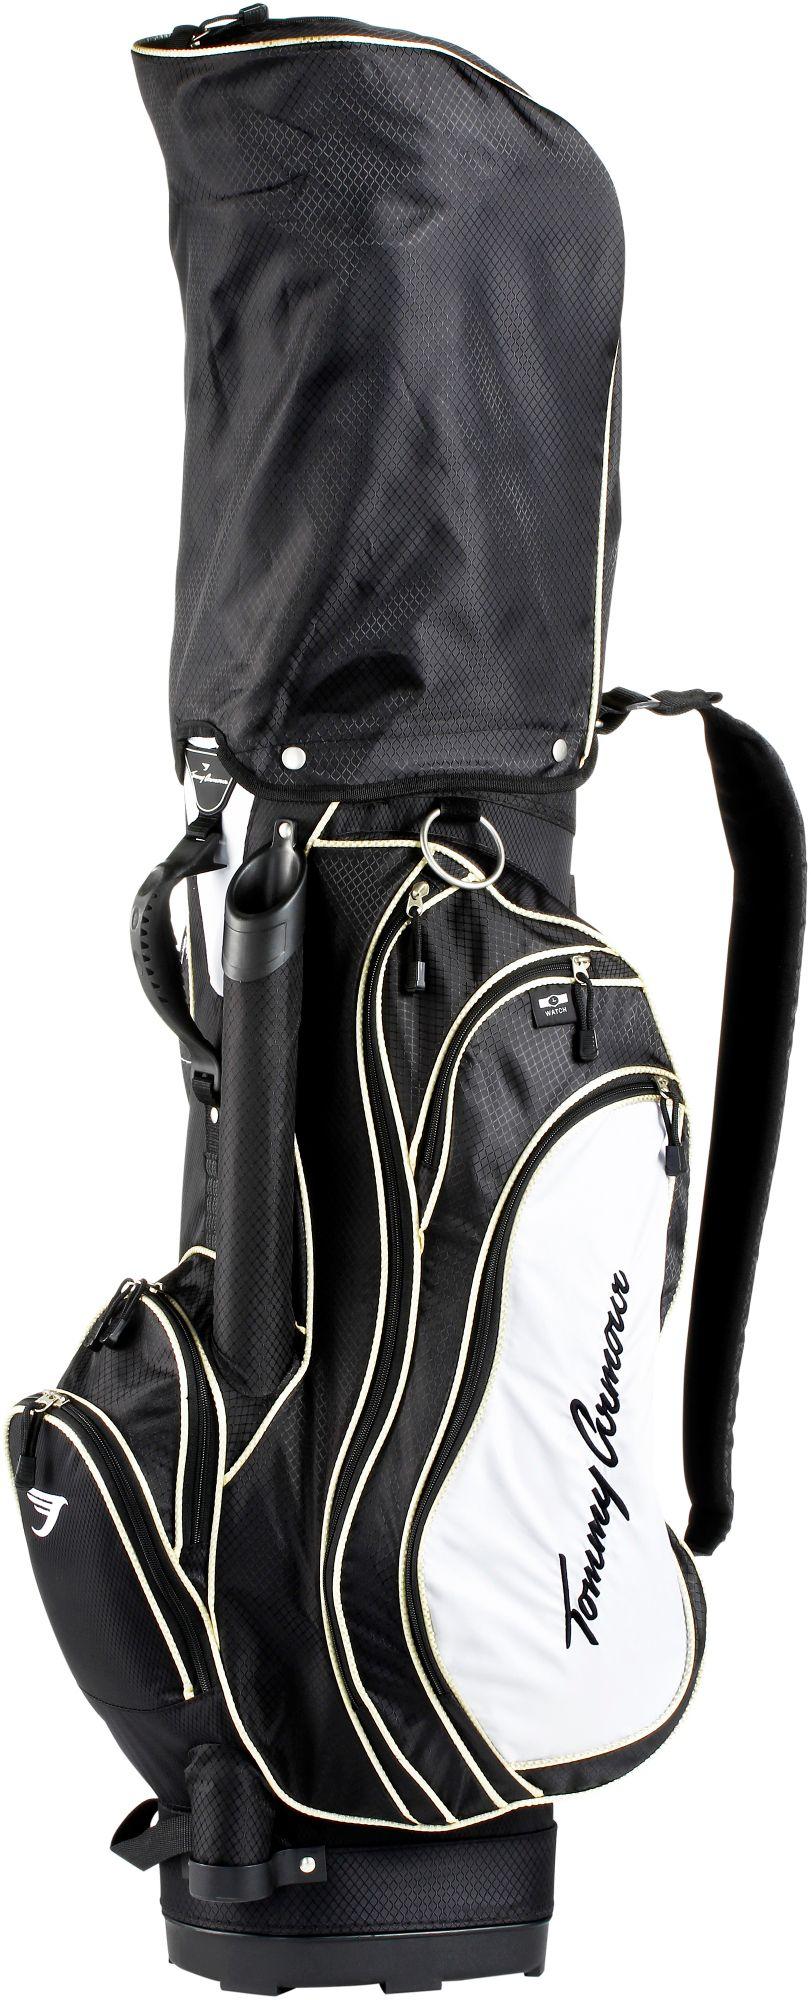 Tommy Armour Golf Silver Scott RL-2 Rh L; Golfschlägersatz Damen in -